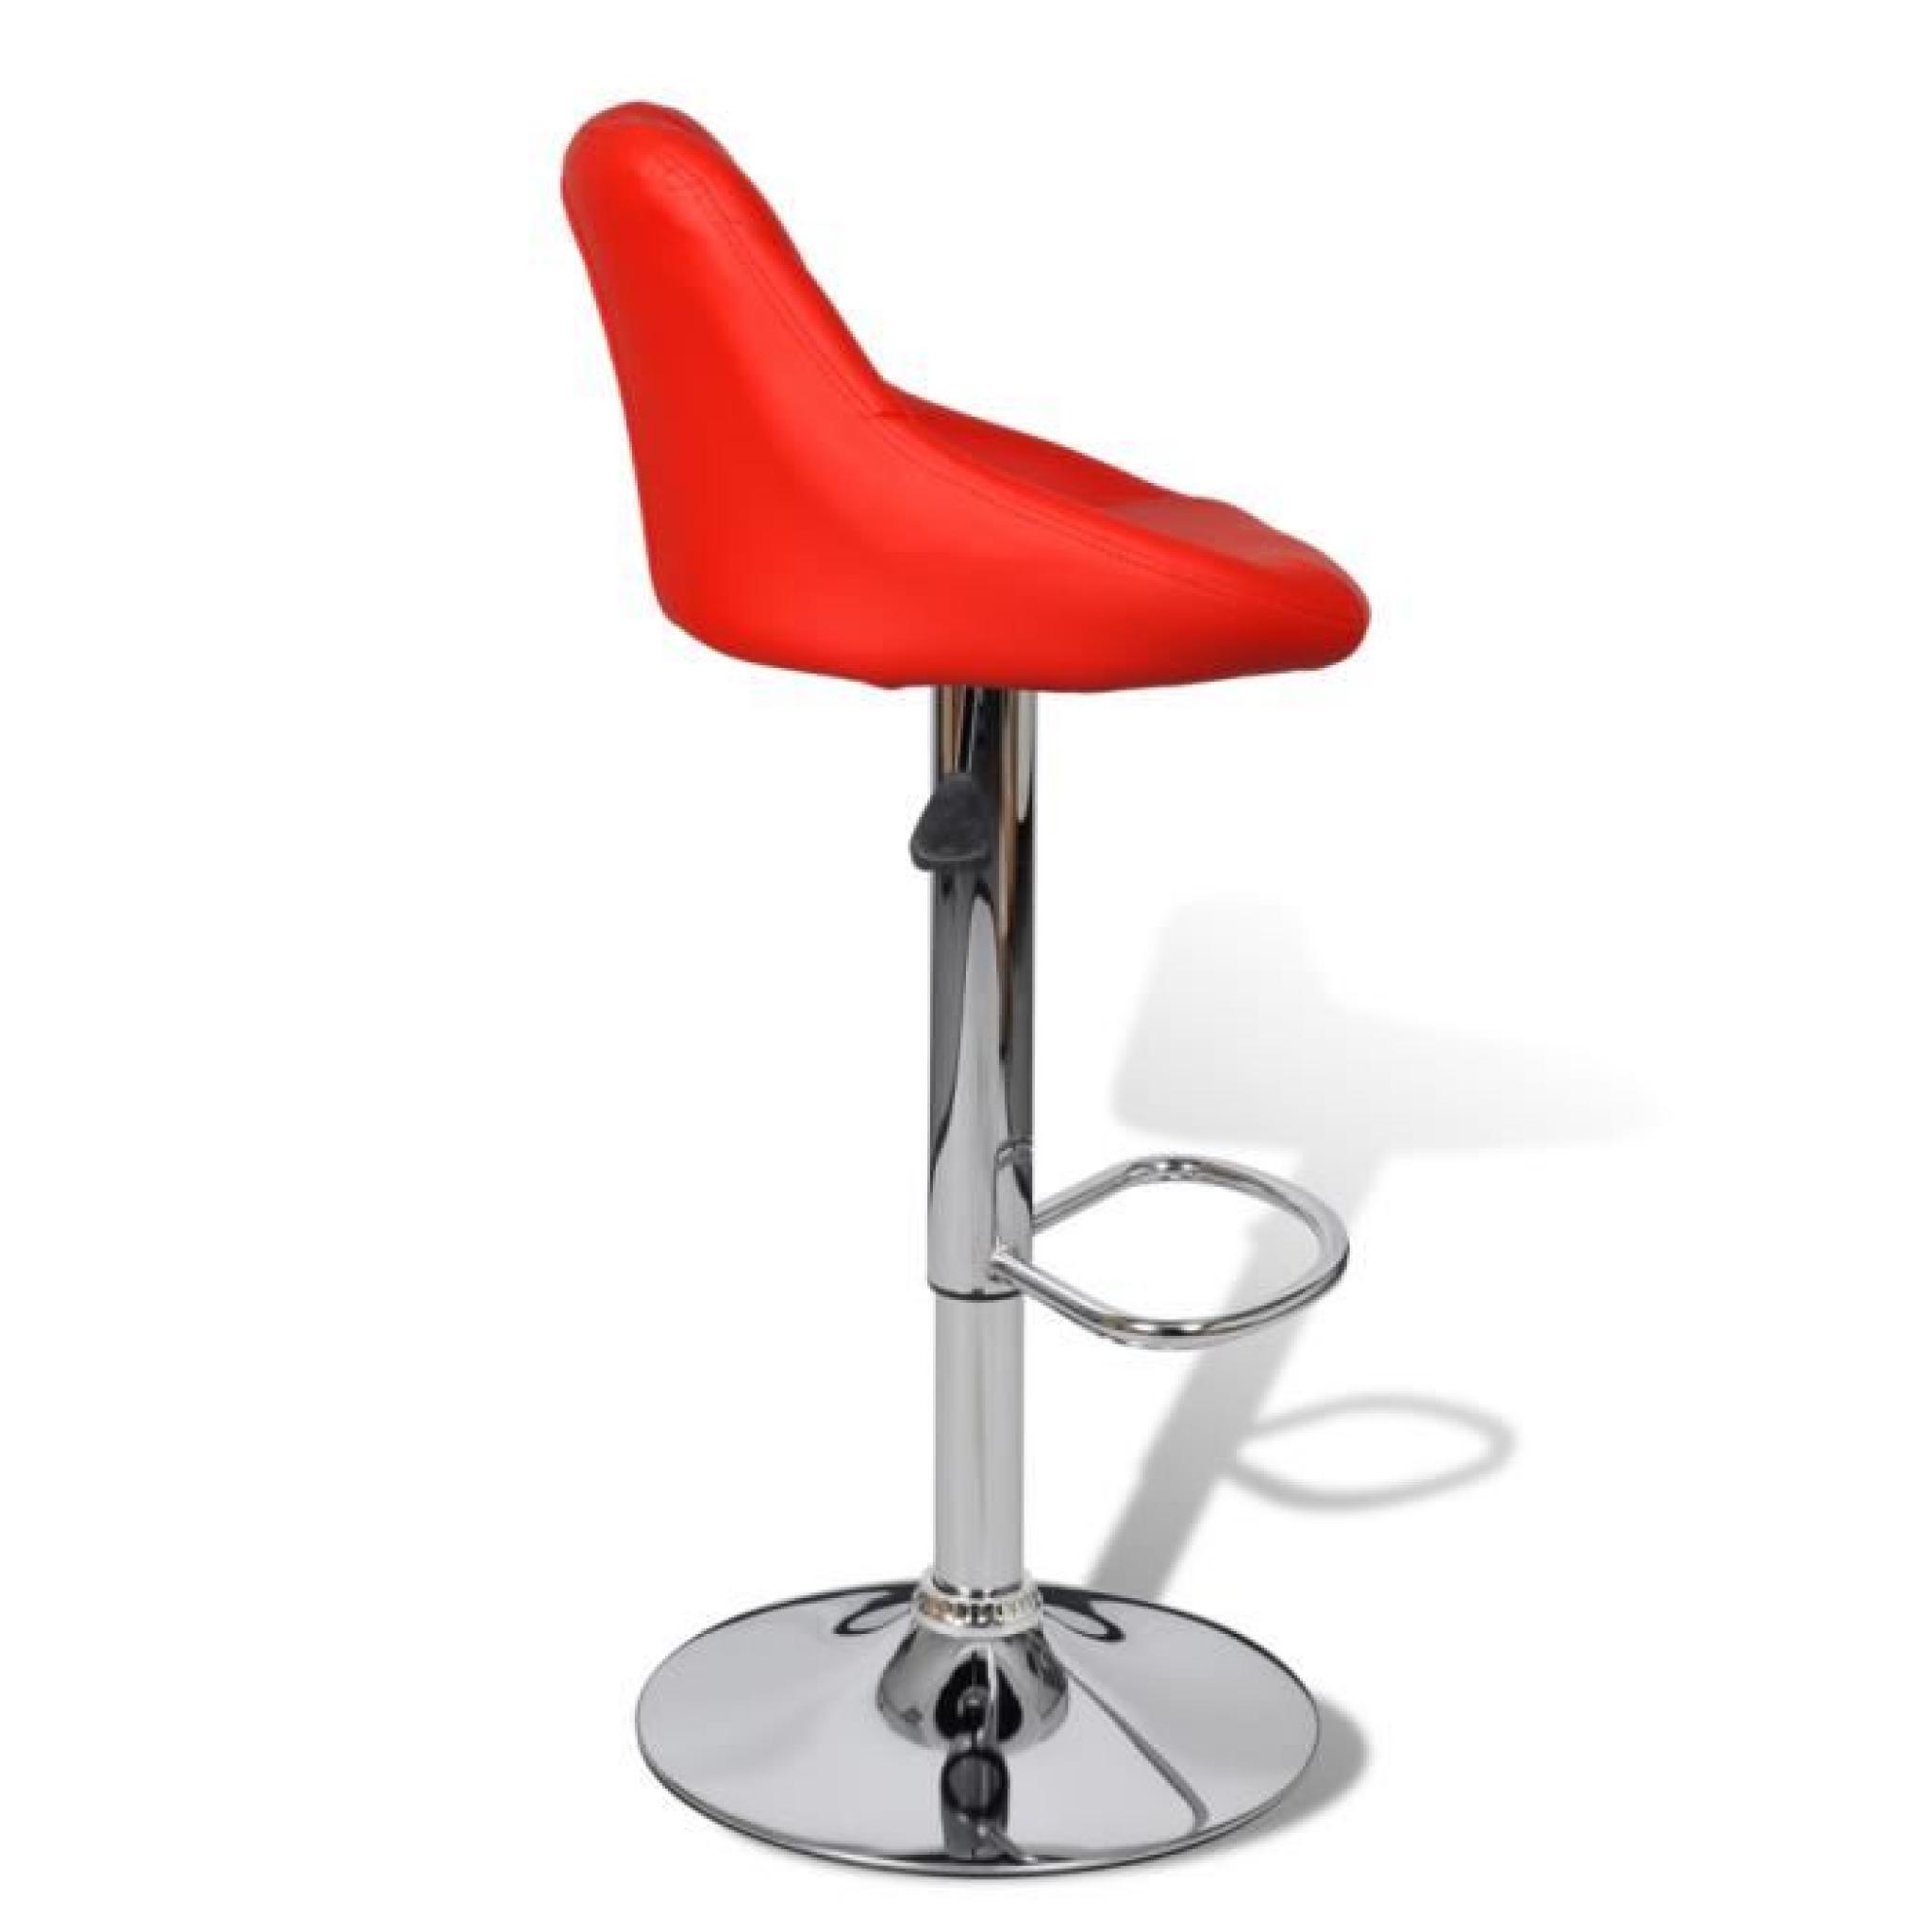 lot de 2 tabourets de bar rouges design moderne achat vente tabouret de bar pas cher couleur. Black Bedroom Furniture Sets. Home Design Ideas